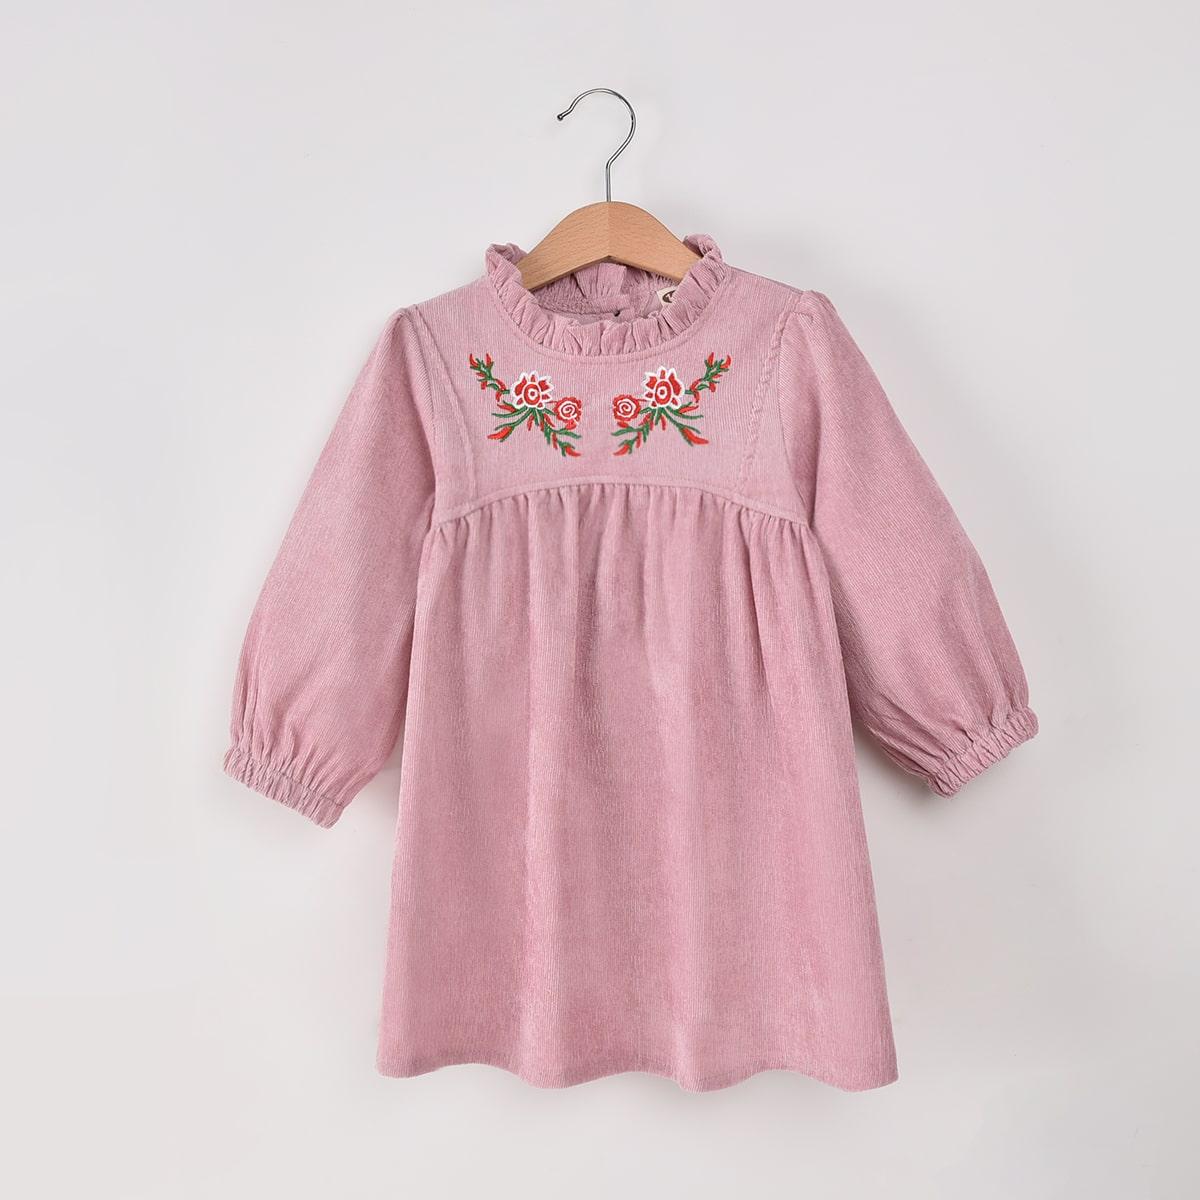 Vestido ajustado de cuello fruncido con bordado floral